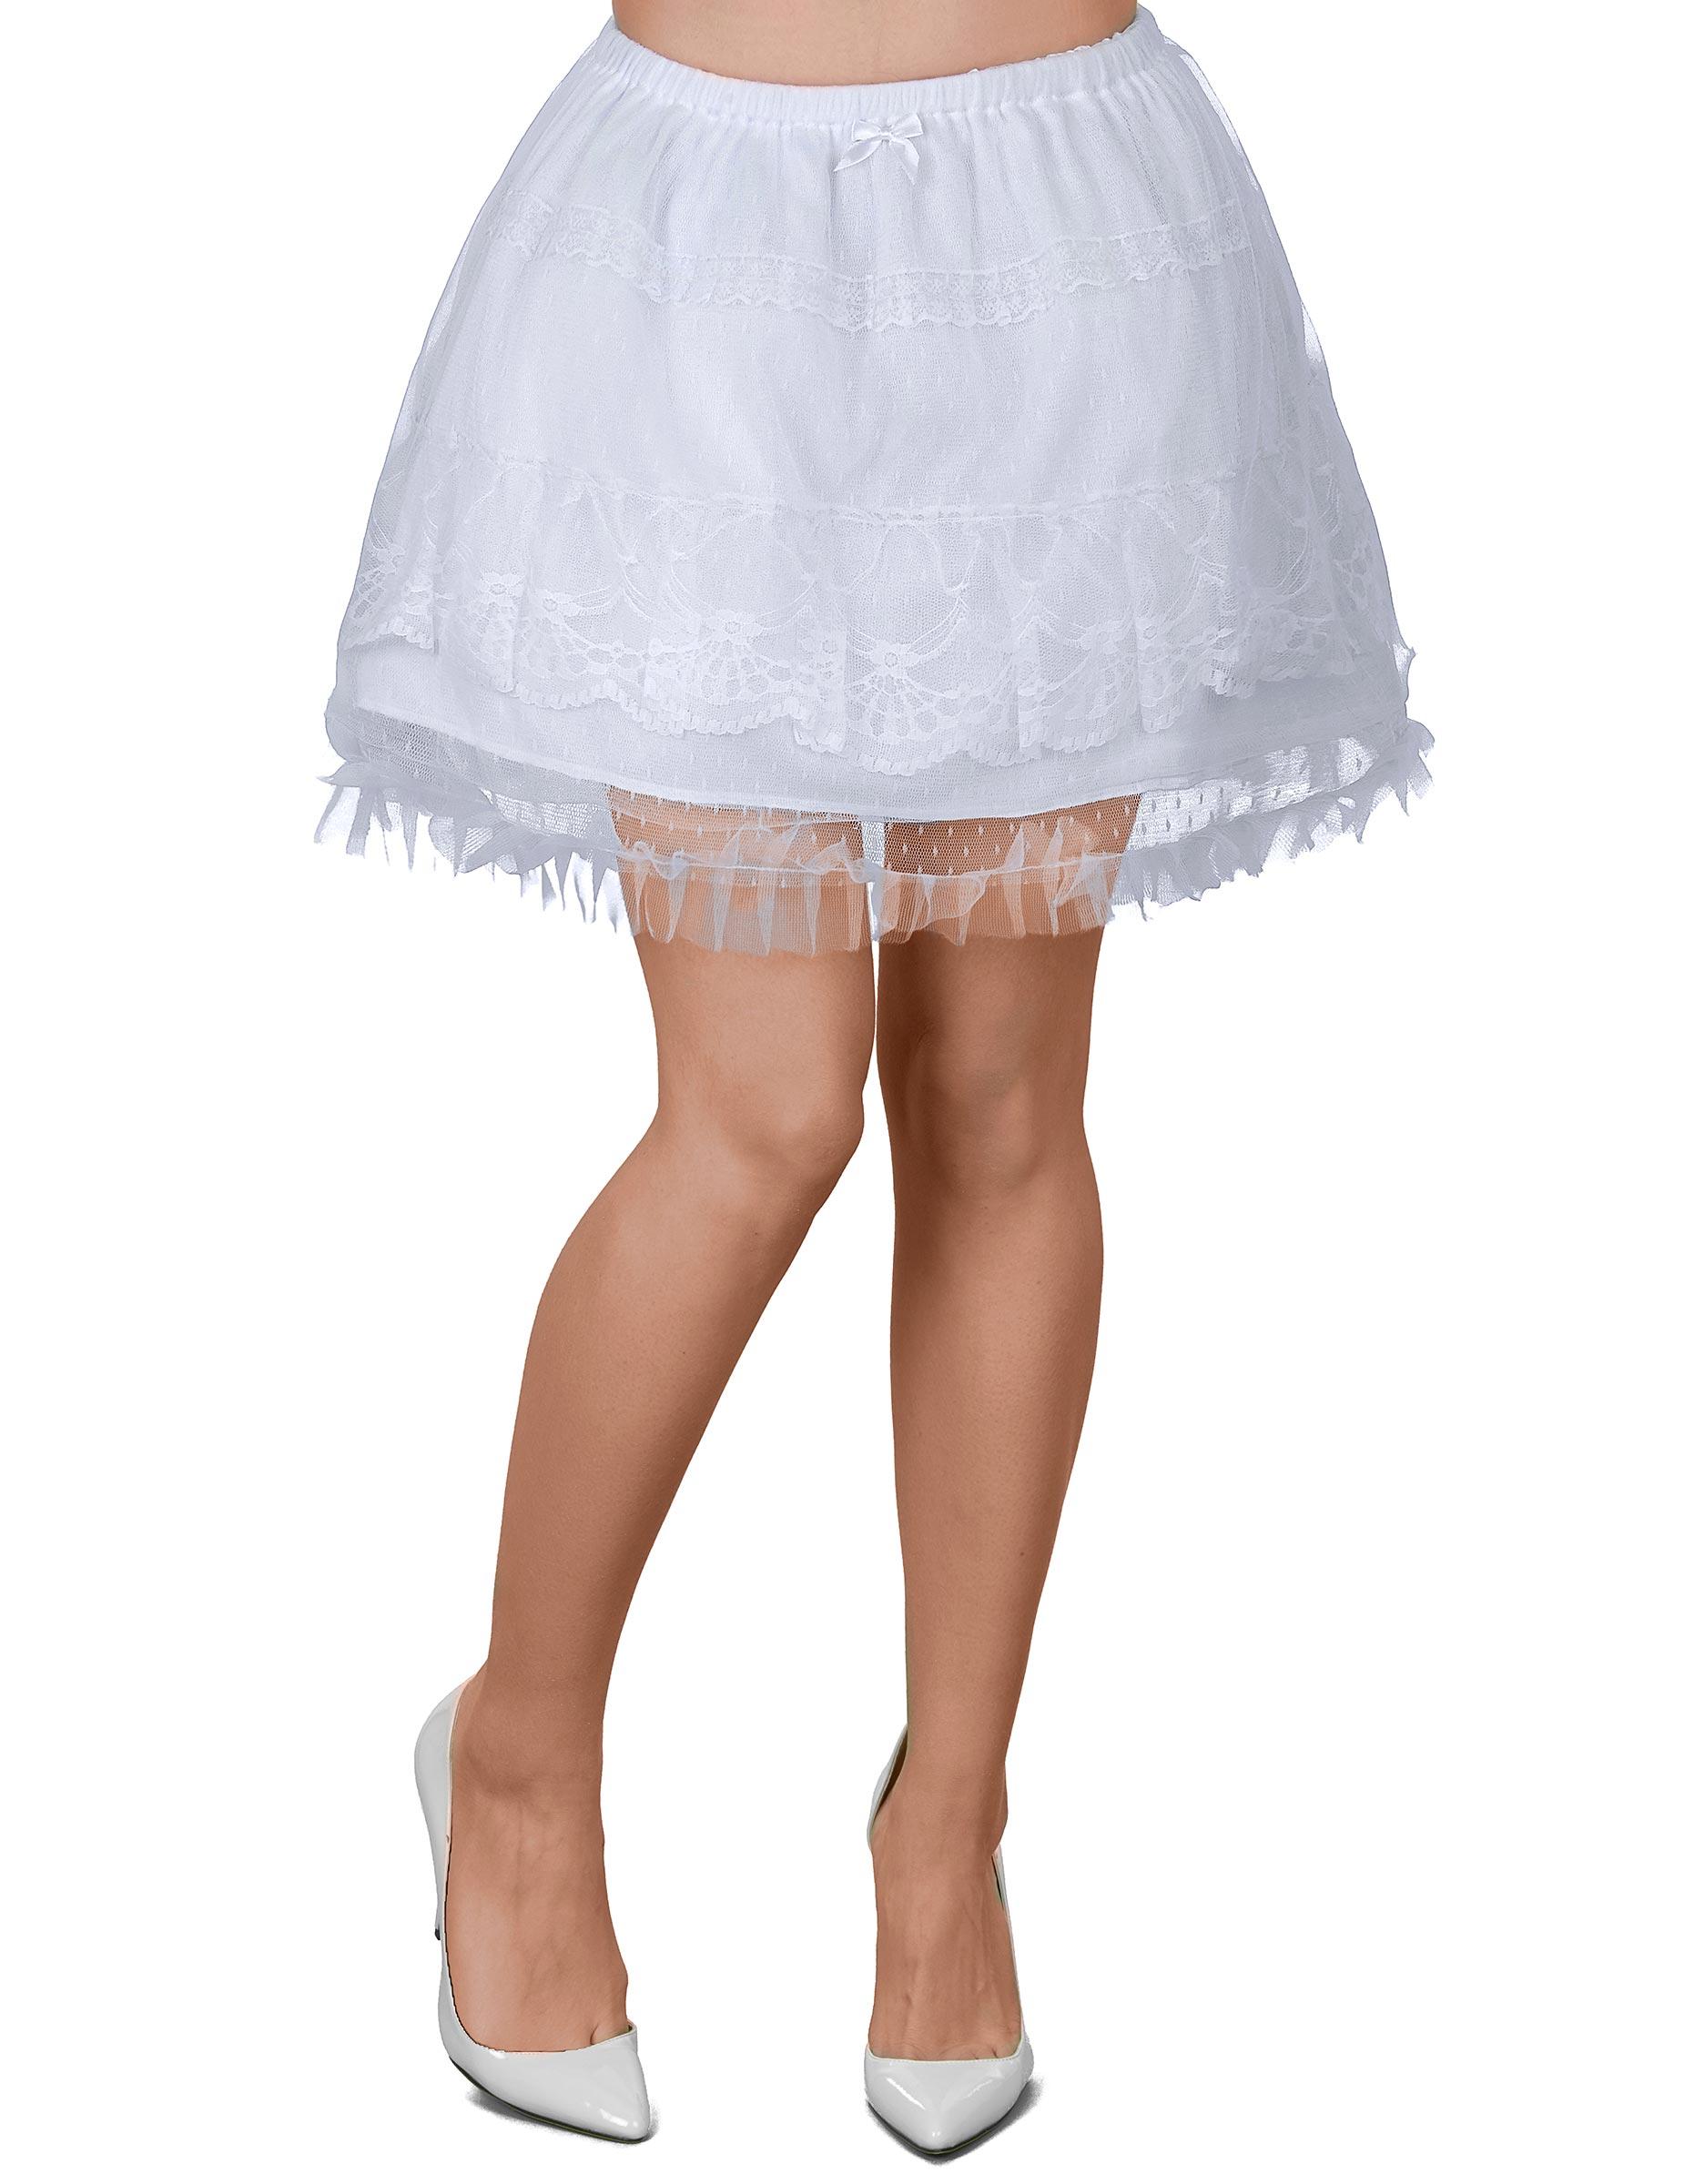 83eca34df Minifalda sexy para mujer